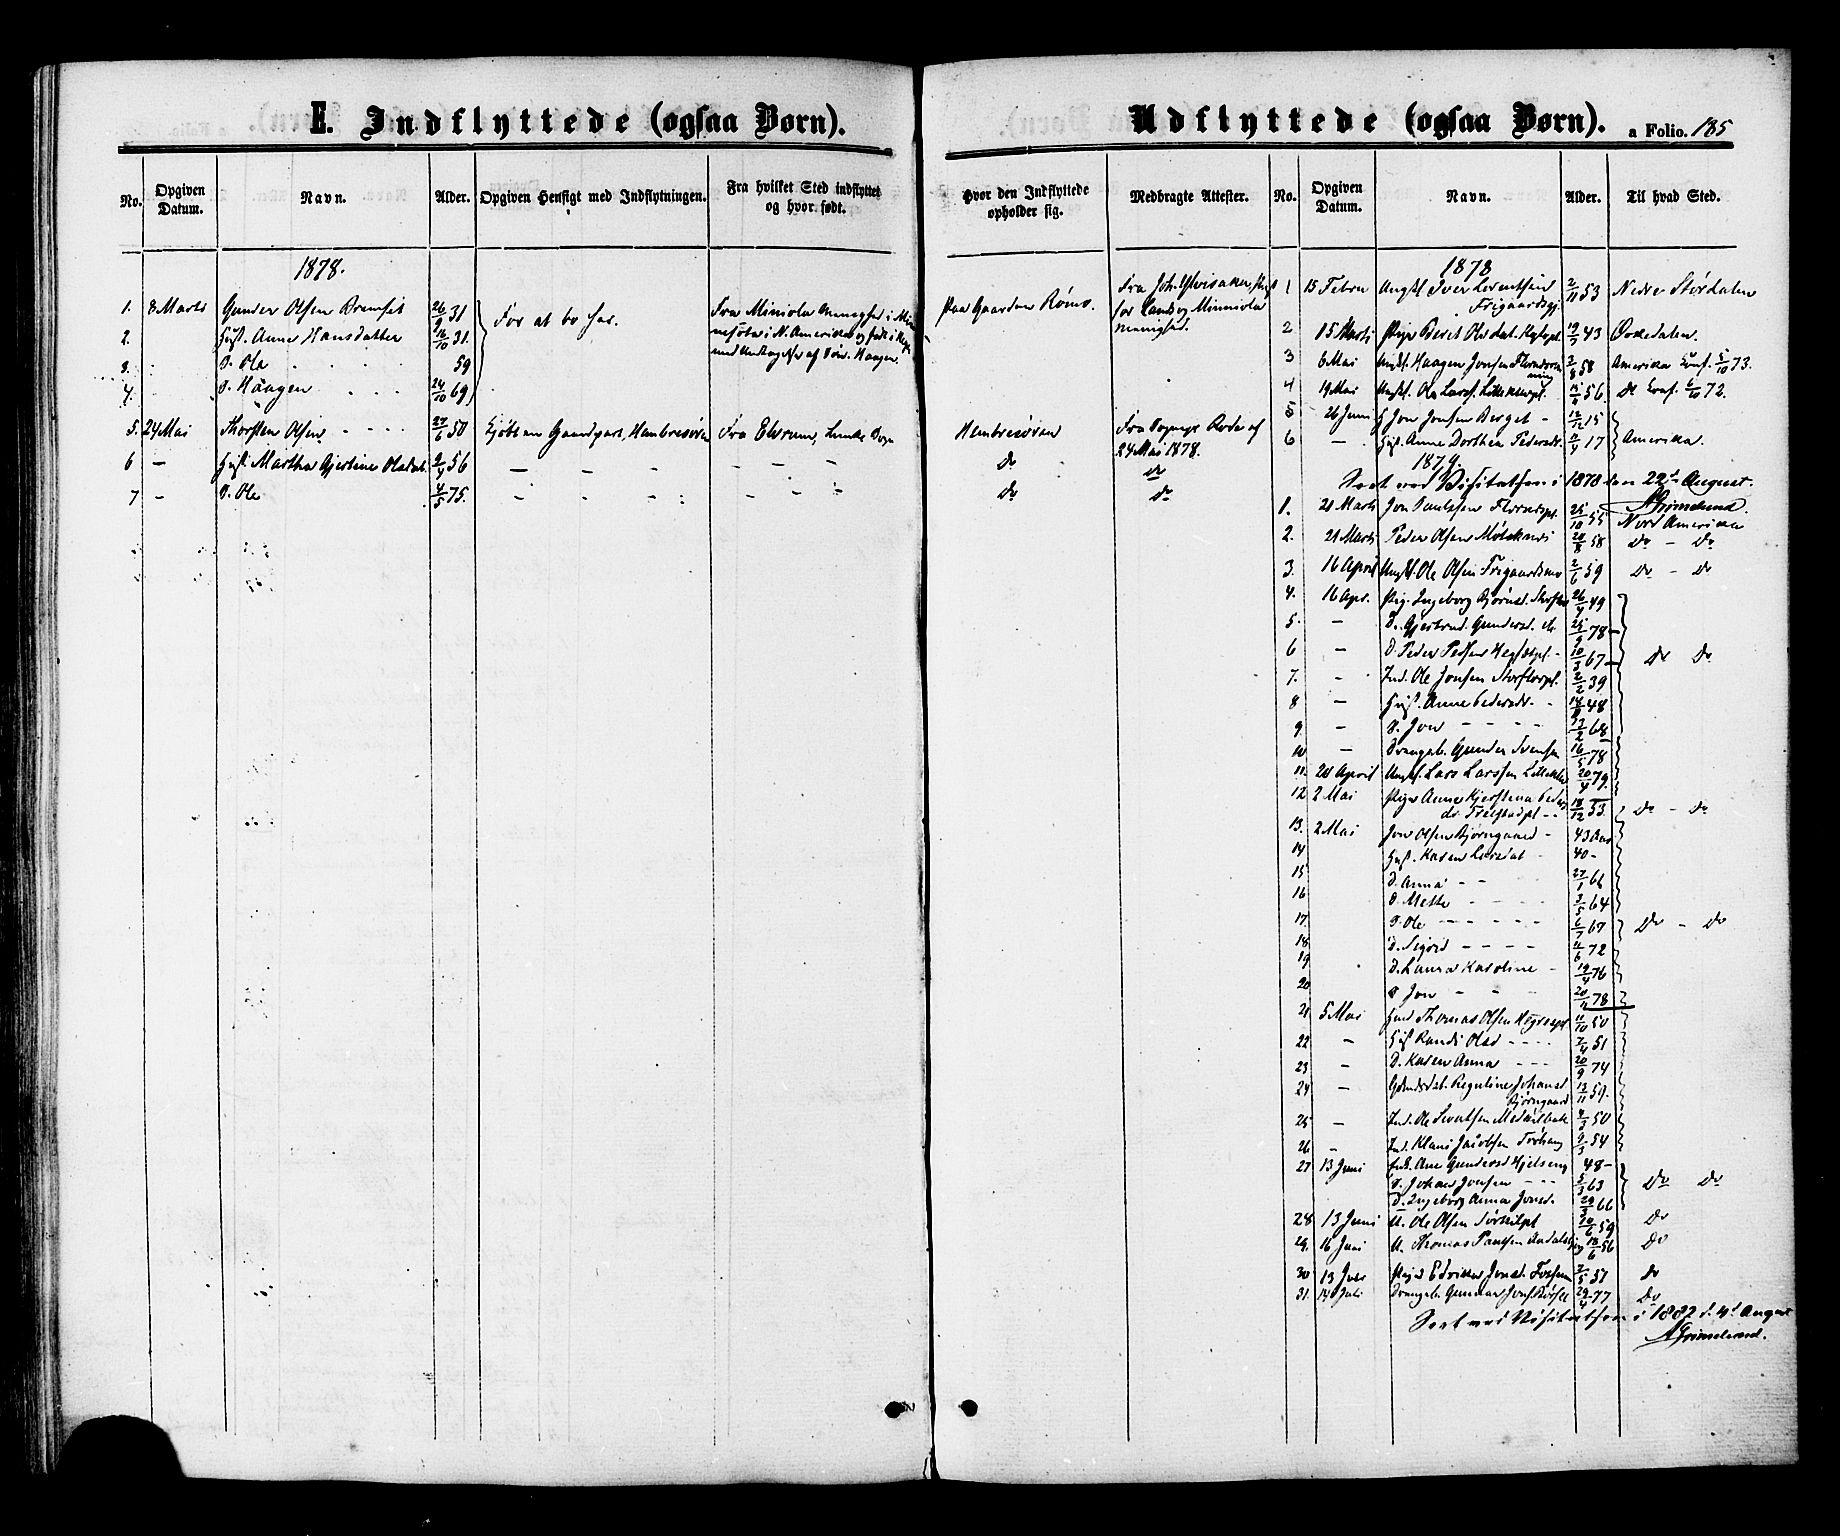 SAT, Ministerialprotokoller, klokkerbøker og fødselsregistre - Nord-Trøndelag, 703/L0029: Ministerialbok nr. 703A02, 1863-1879, s. 185